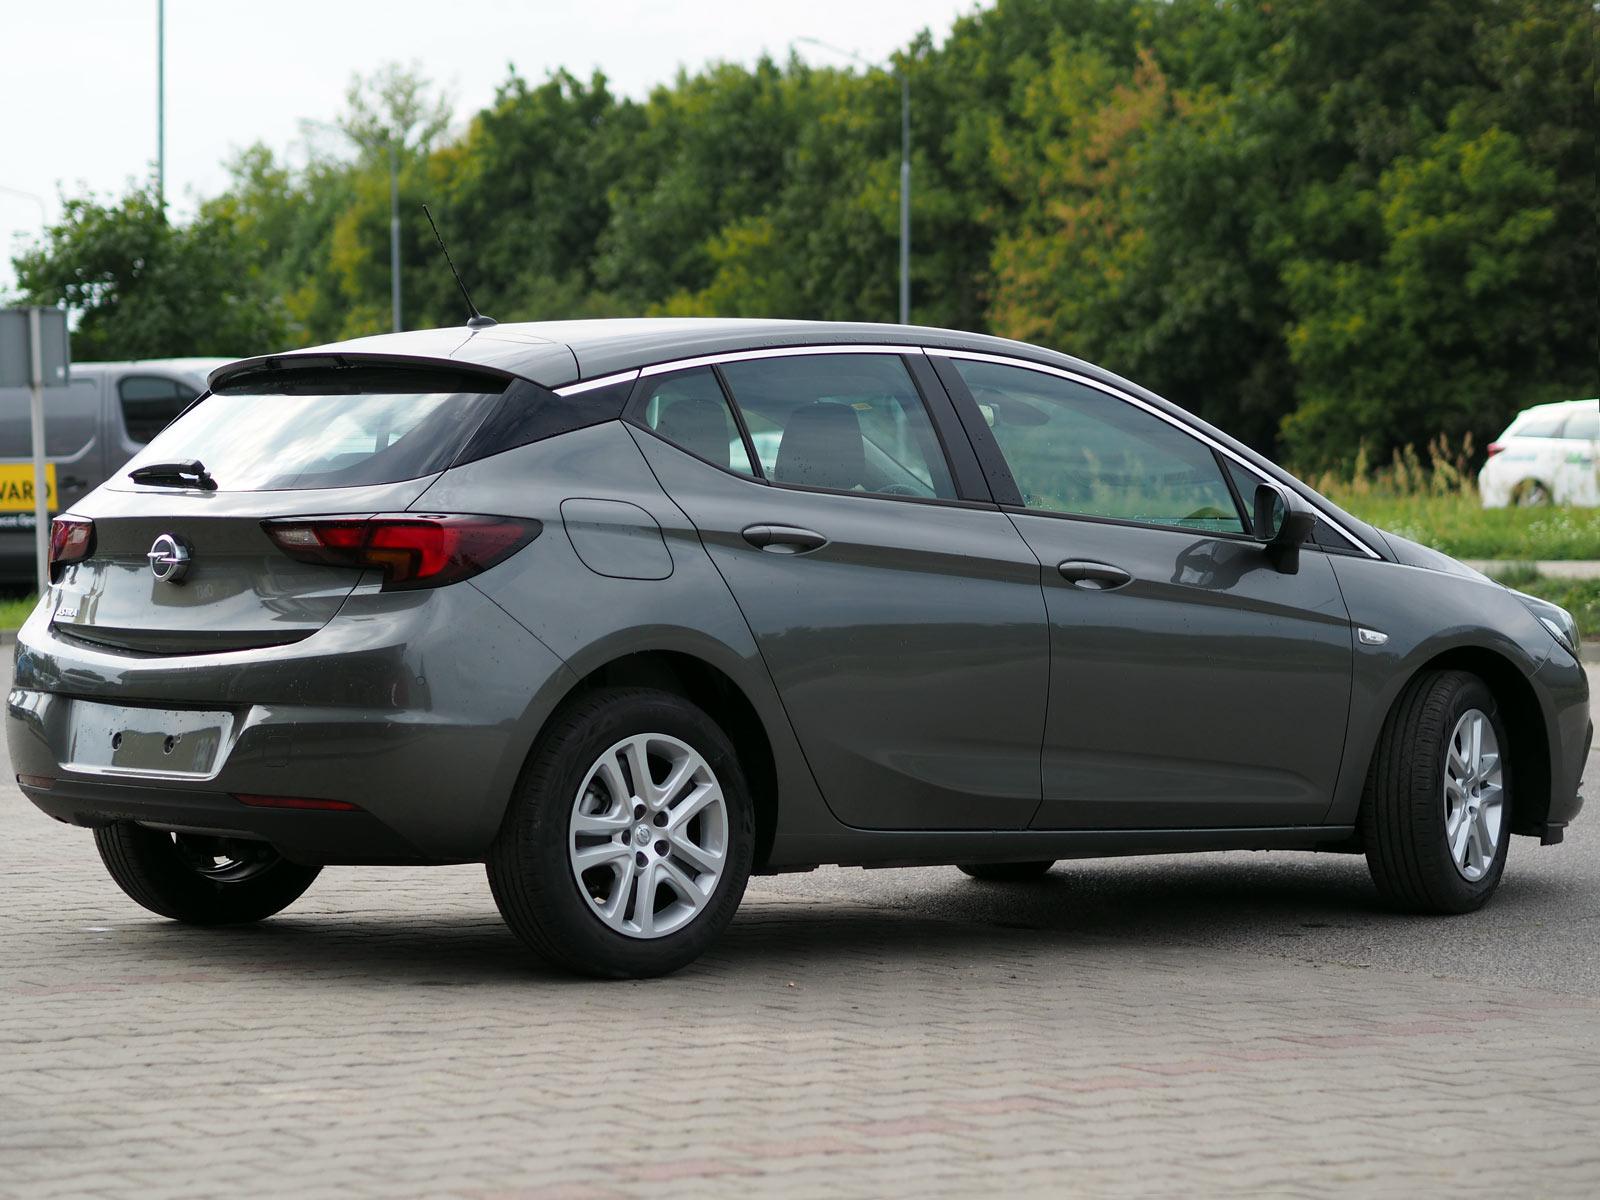 Nowy Opel Astra 2020 Ceny W Polsce Od 76 500 Zlotych Za